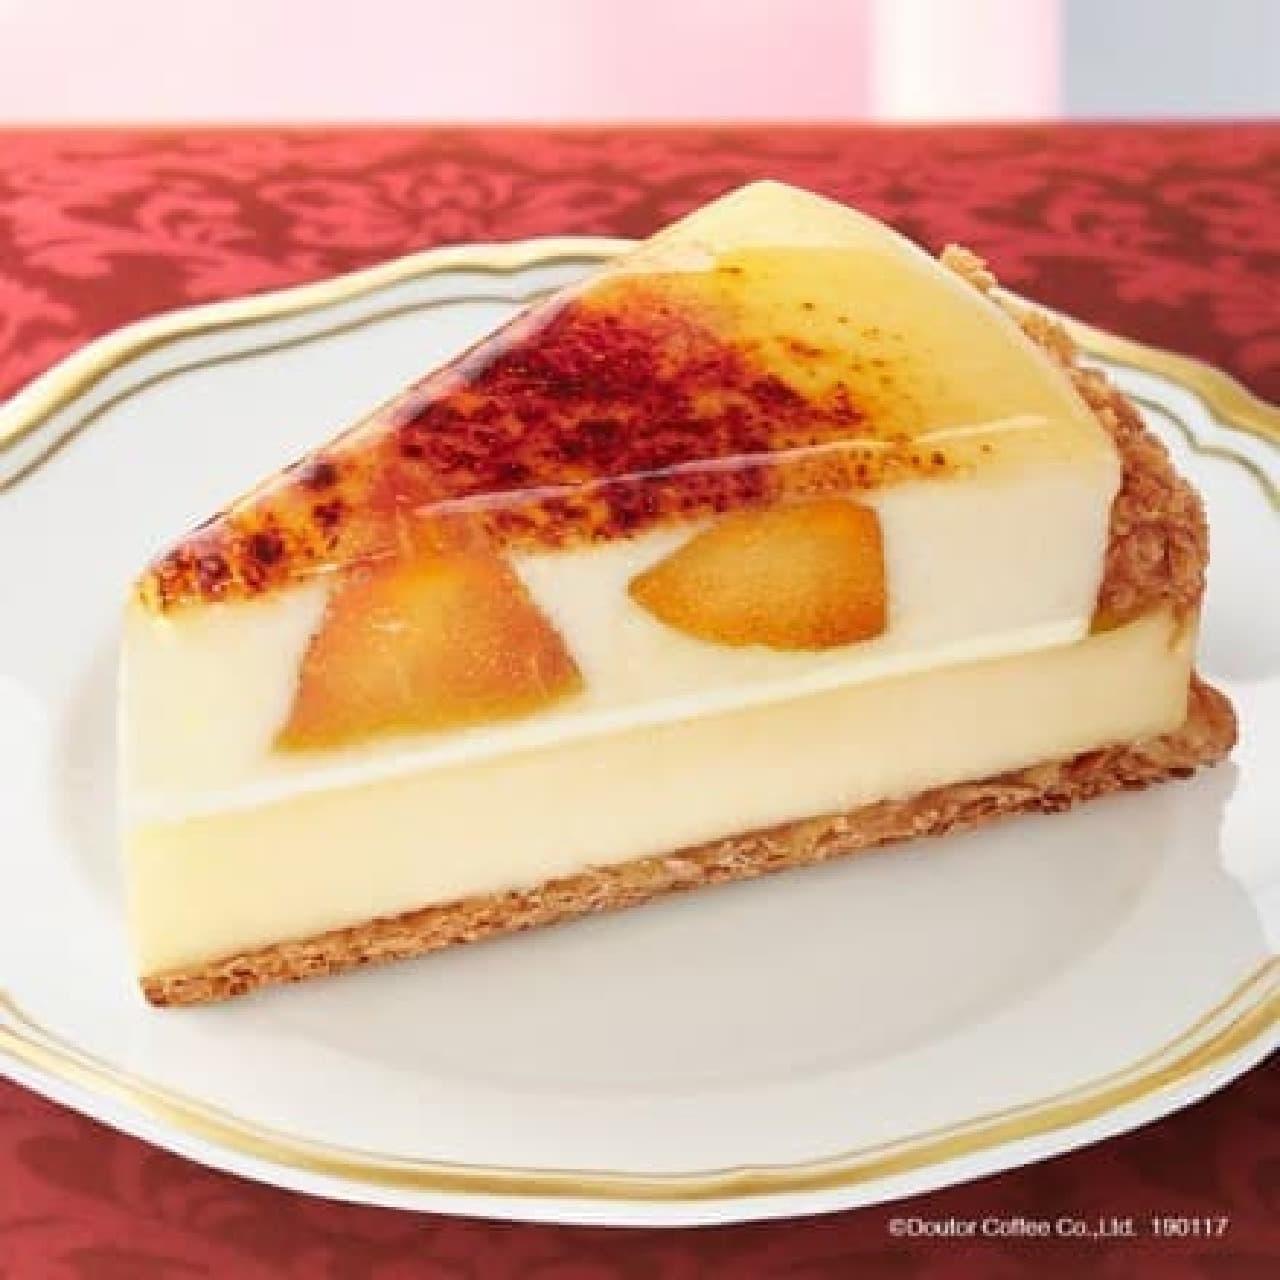 ドトールコーヒーショップ「青森県産りんごのシブースト」